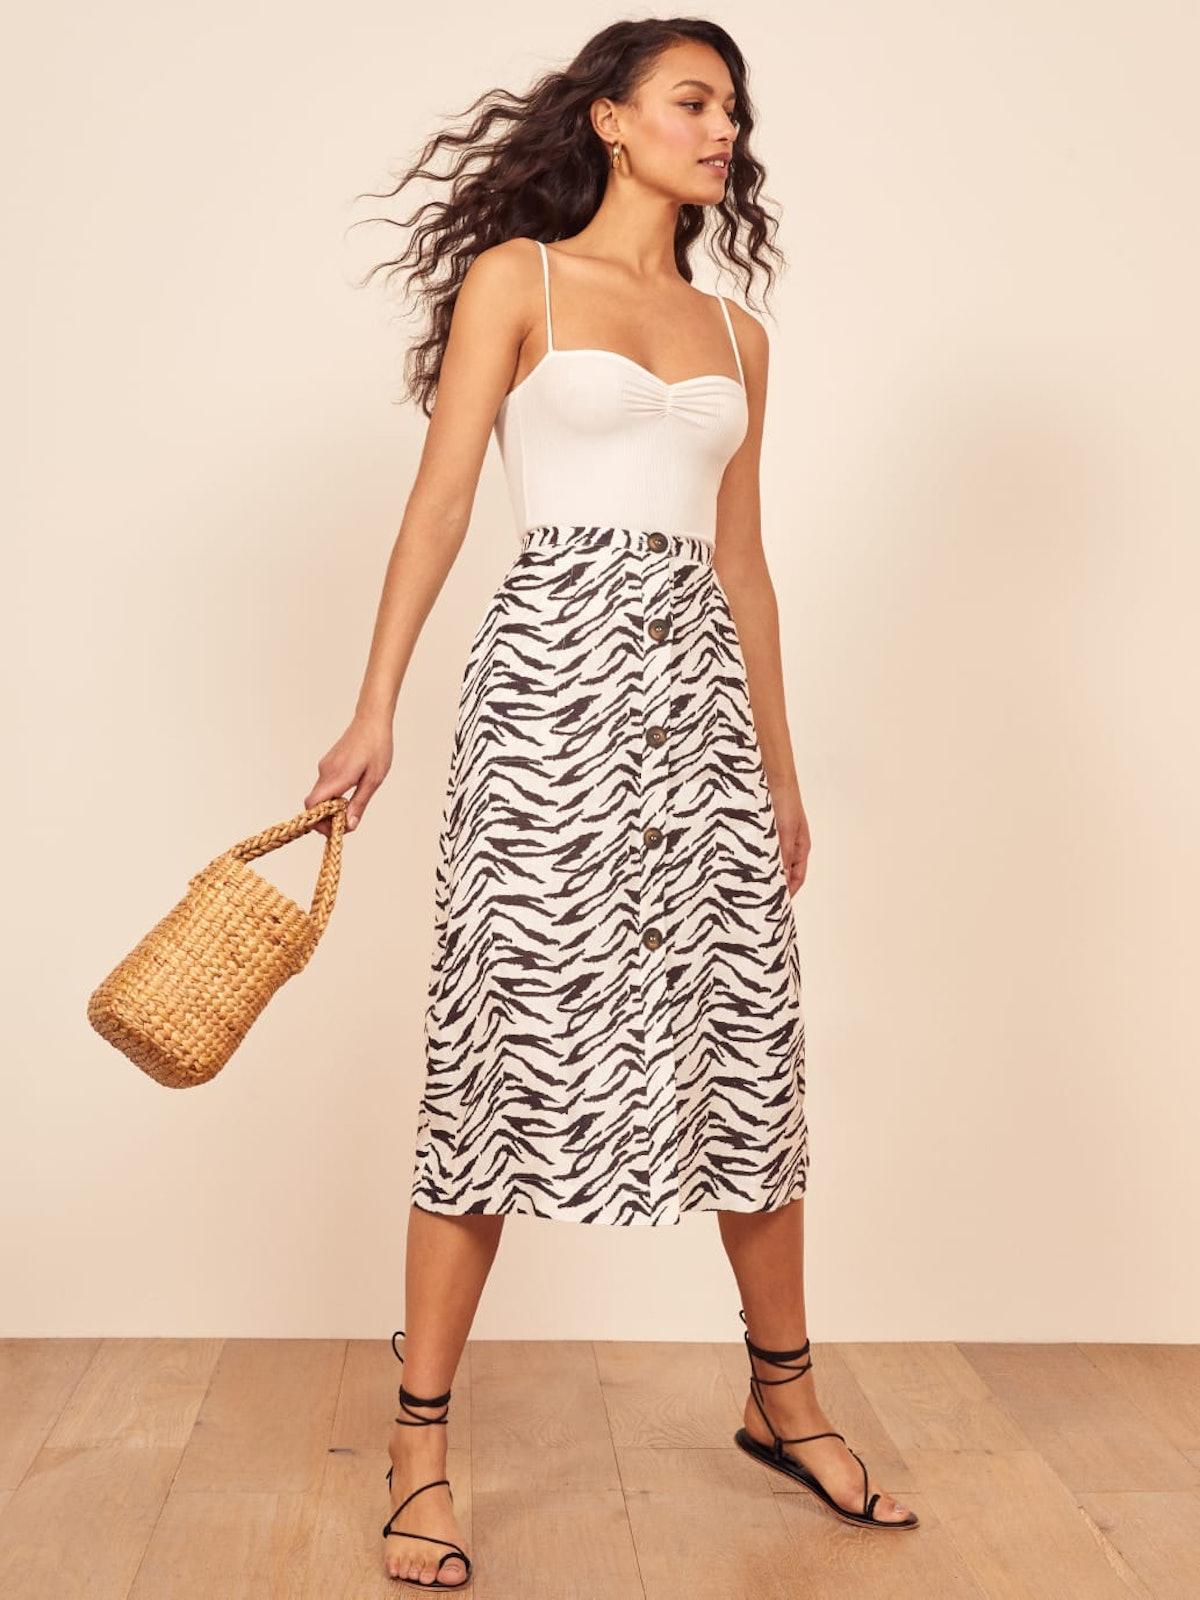 Highland Skirt